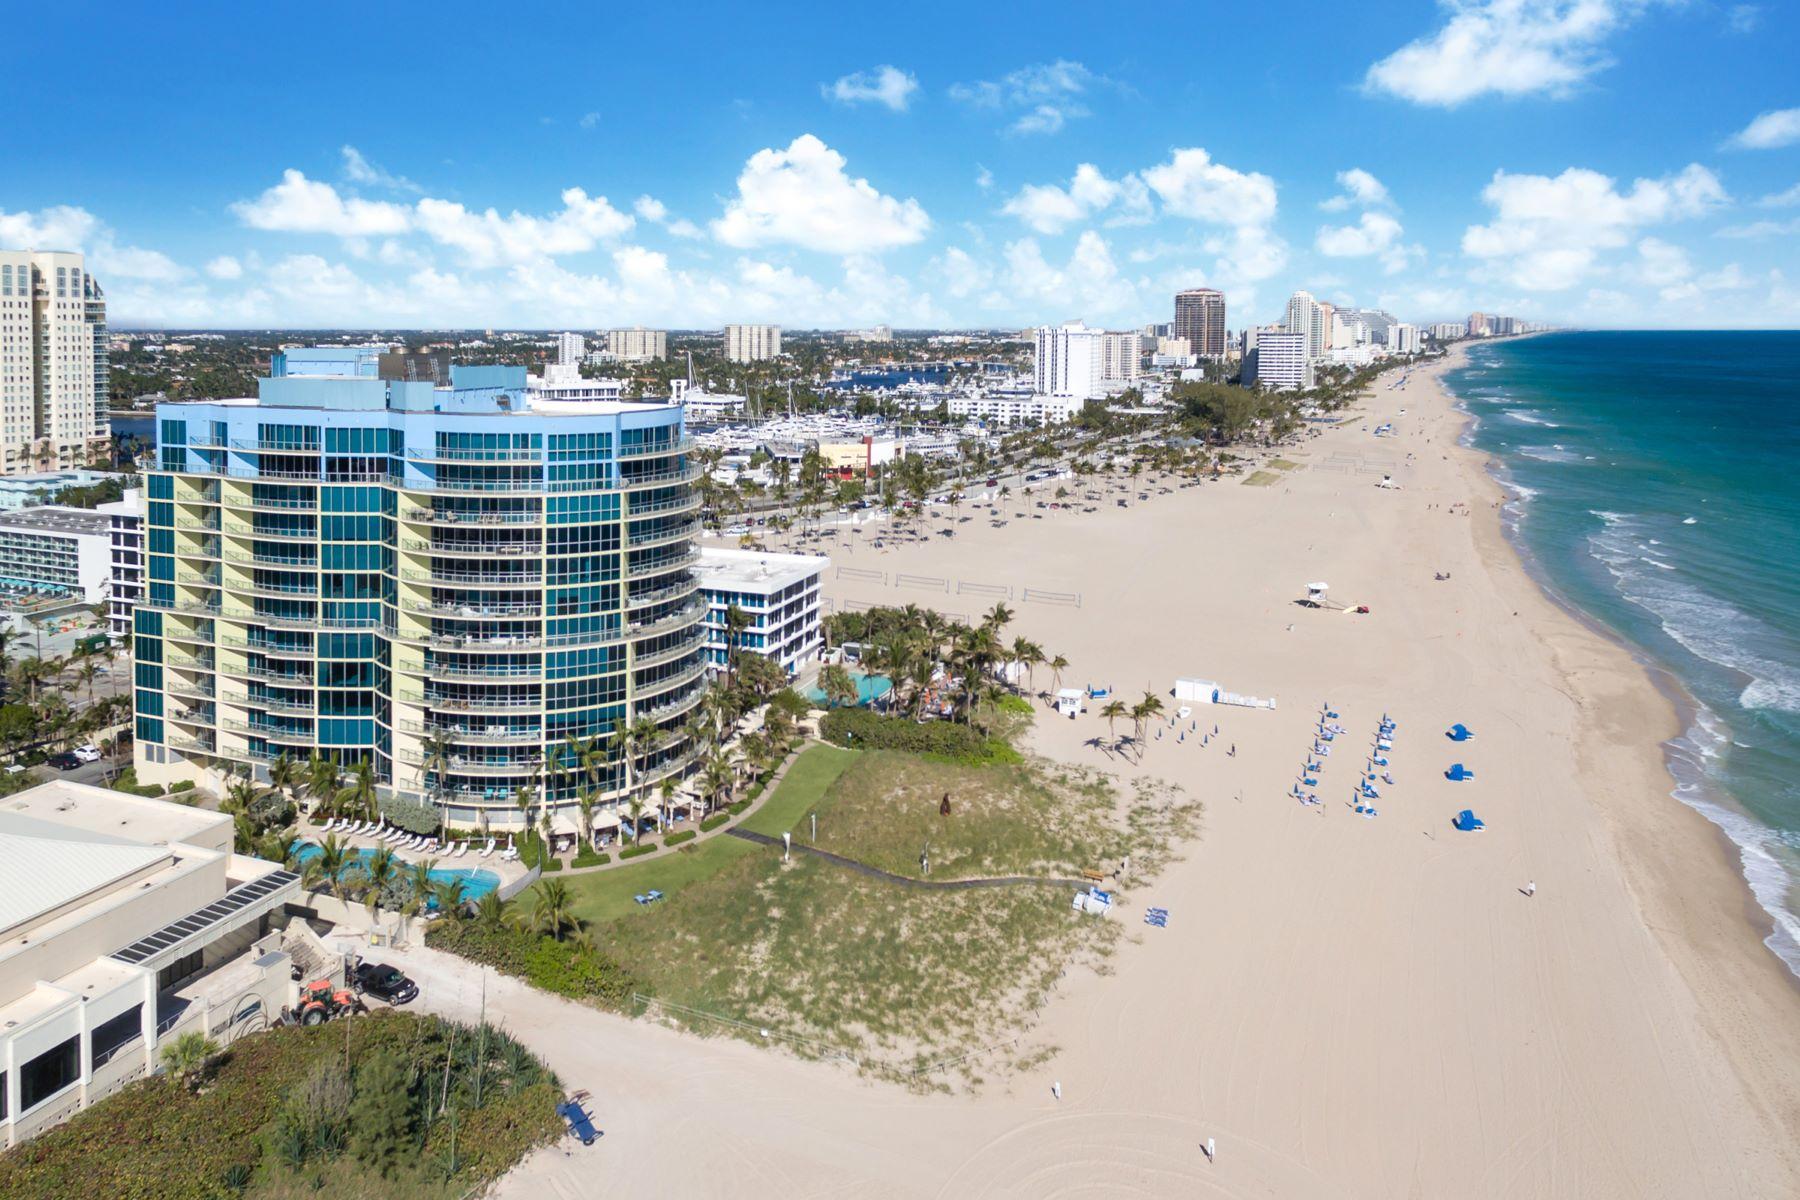 Частный односемейный дом для того Продажа на 1200 Holiday Drive #204 1200 Holiday Drive 204, Fort Lauderdale, Флорида, 33316 Соединенные Штаты